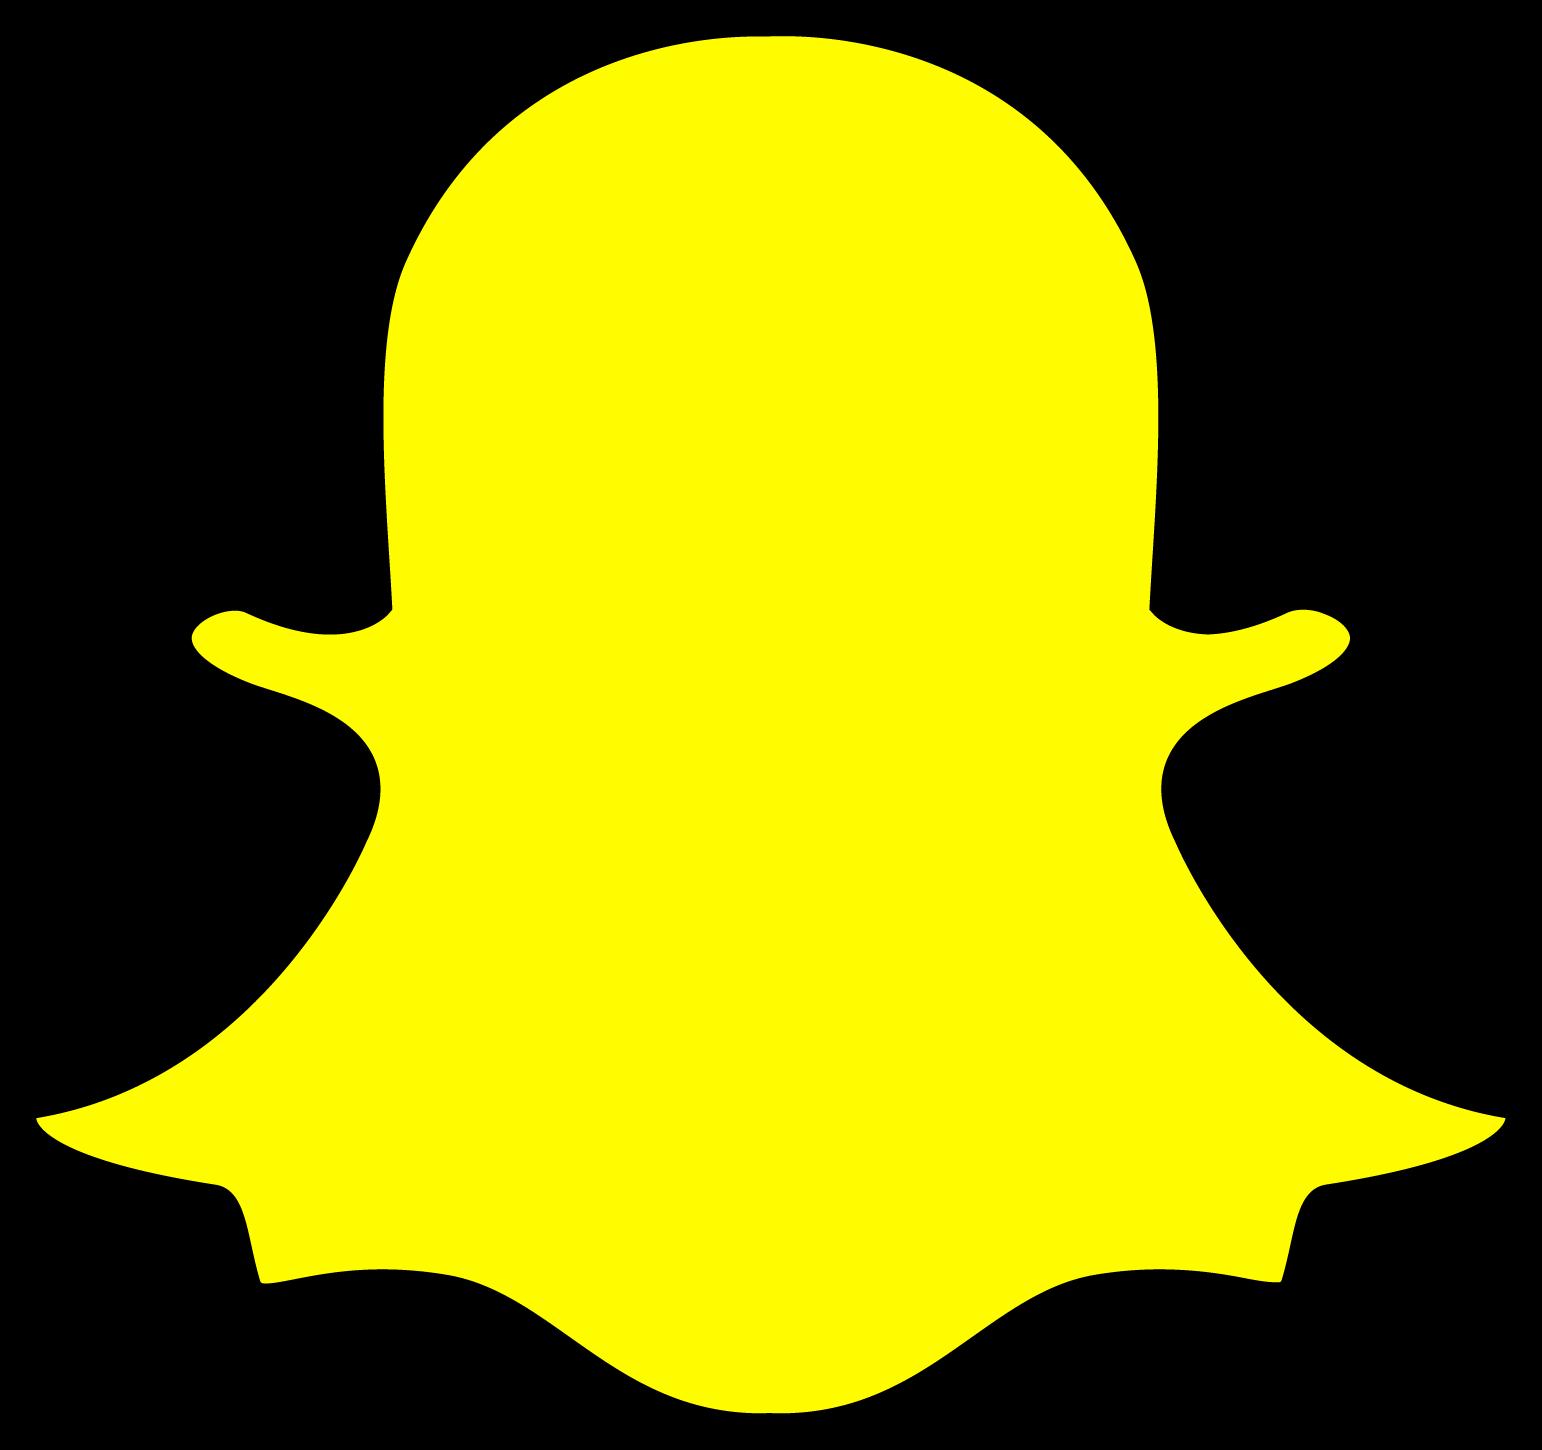 download logo snapchat svg eps png psd ai vectors free ... - Snapchat Chat Icon